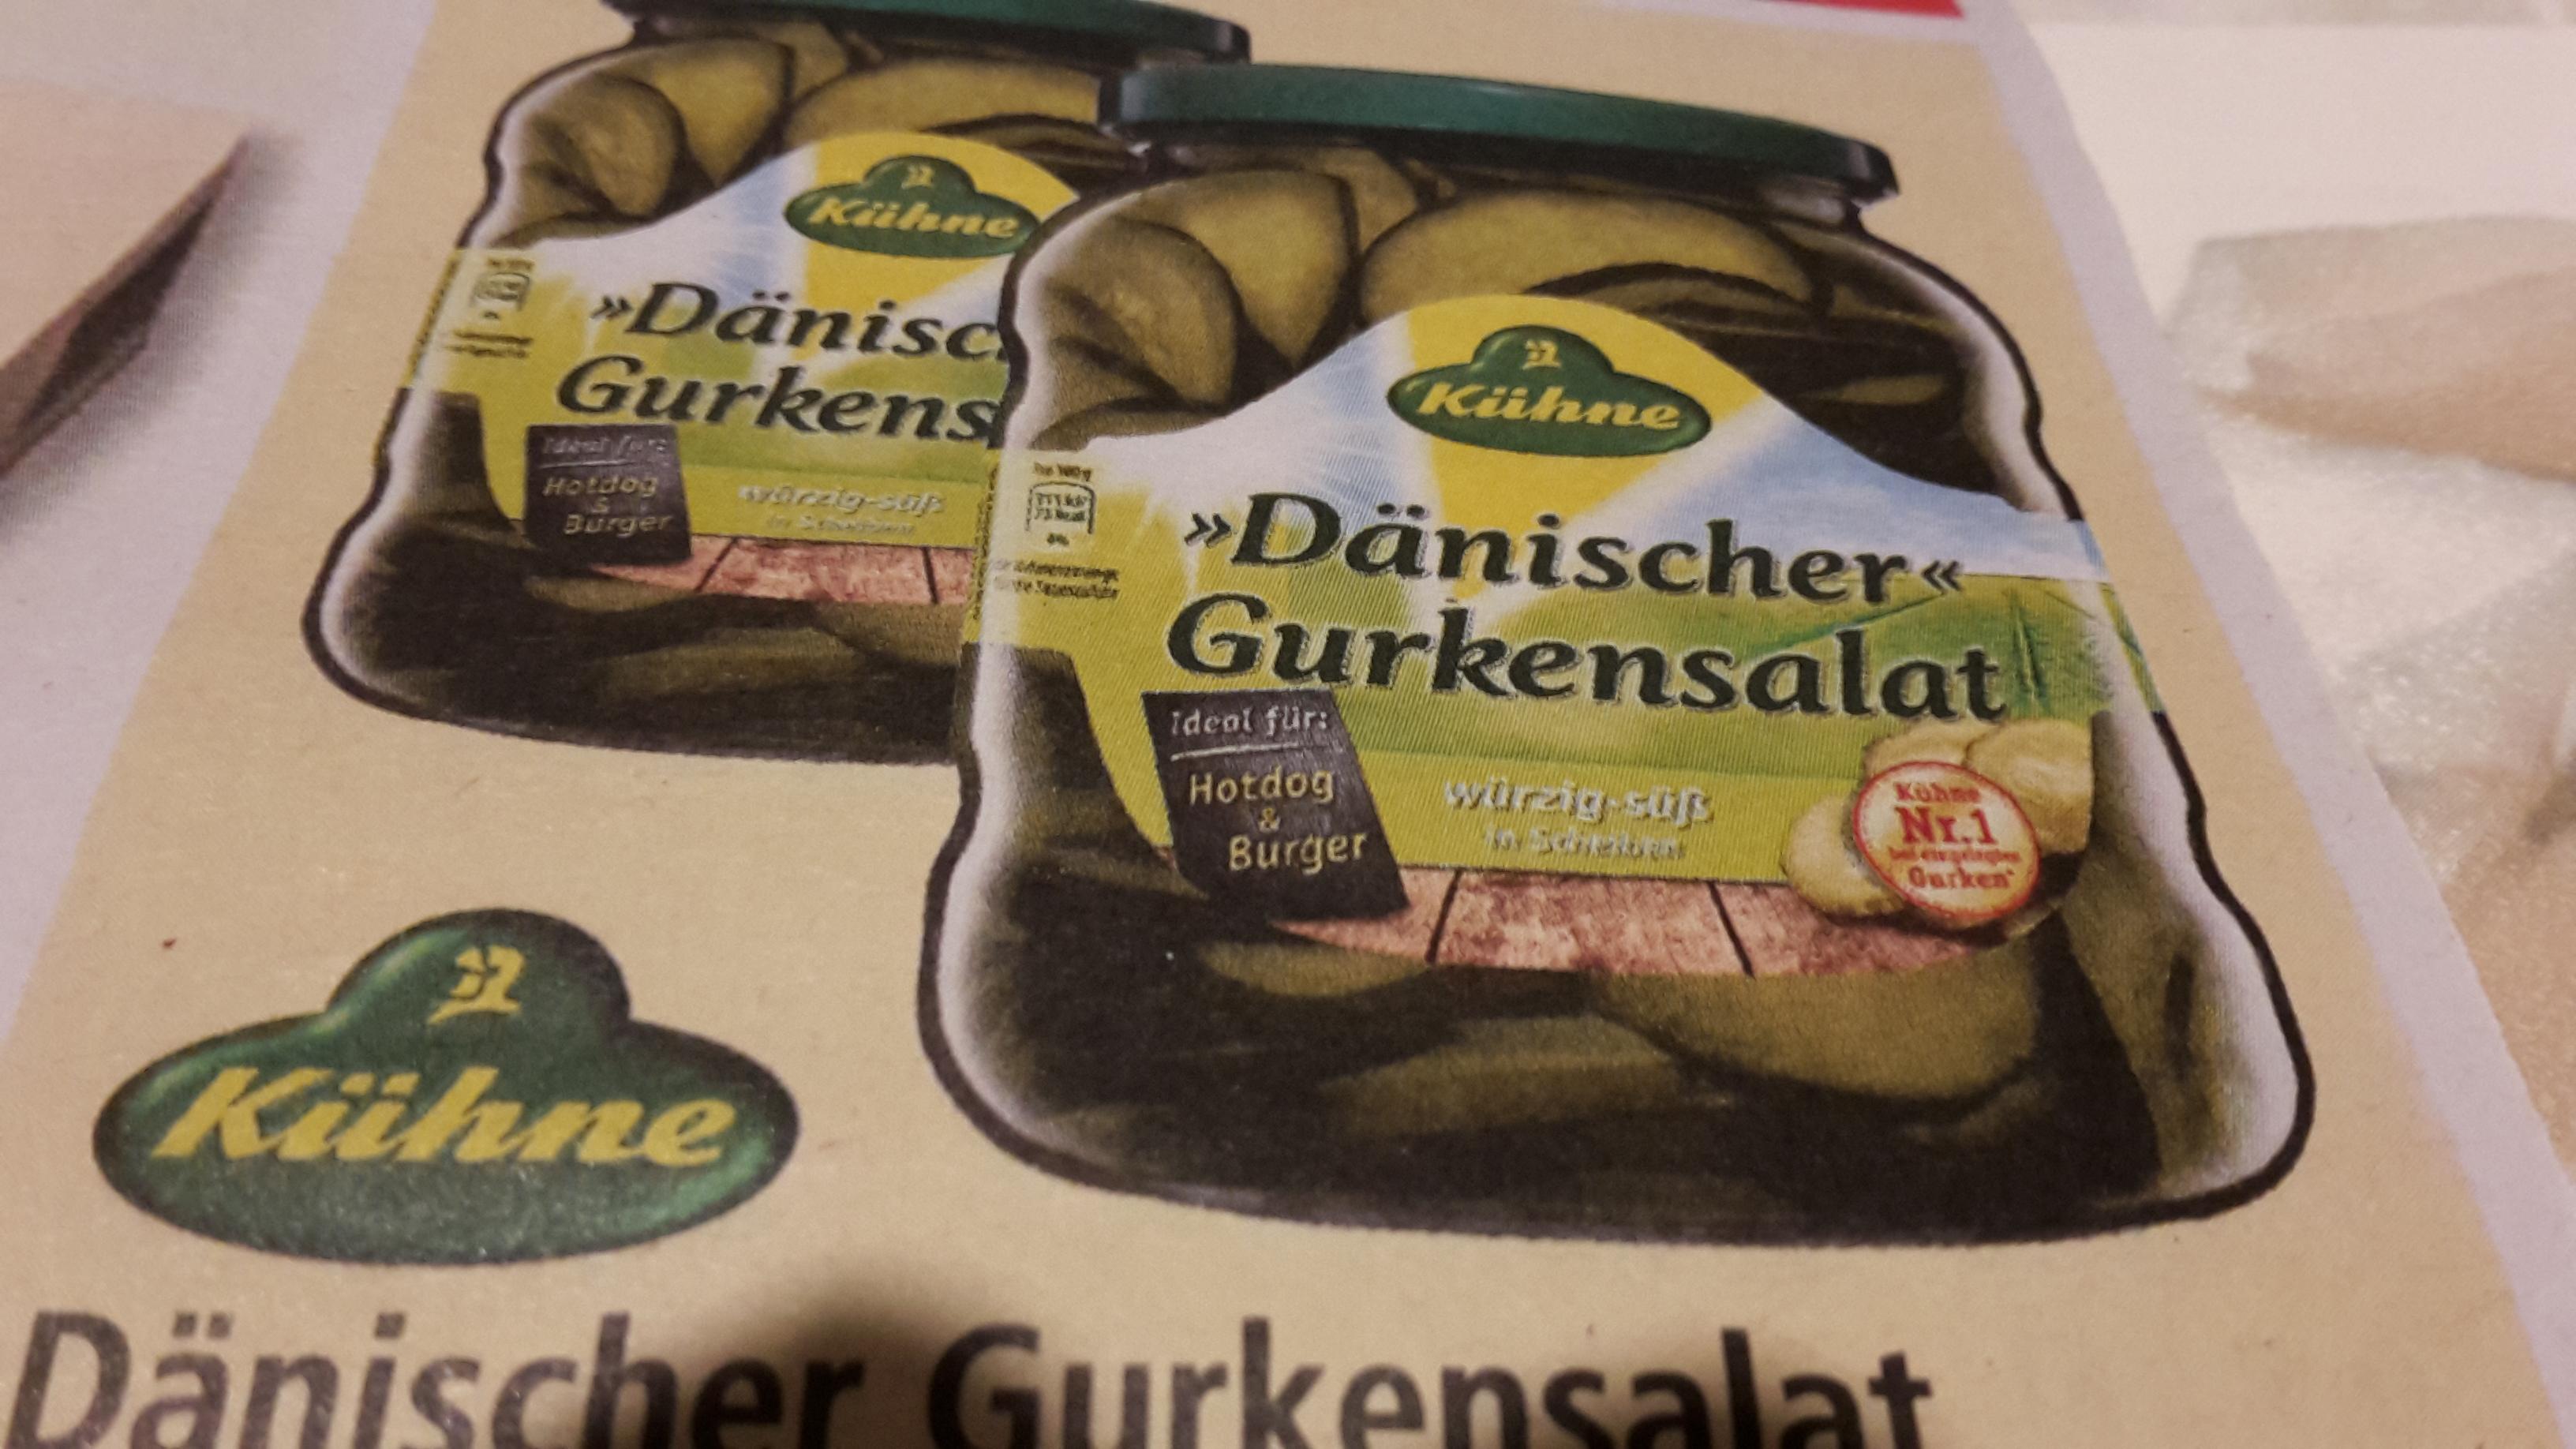 [LOKAL/MULTI] 2x KÜHNE Dänischer Gurkensalat mit Coupon für 1,58€